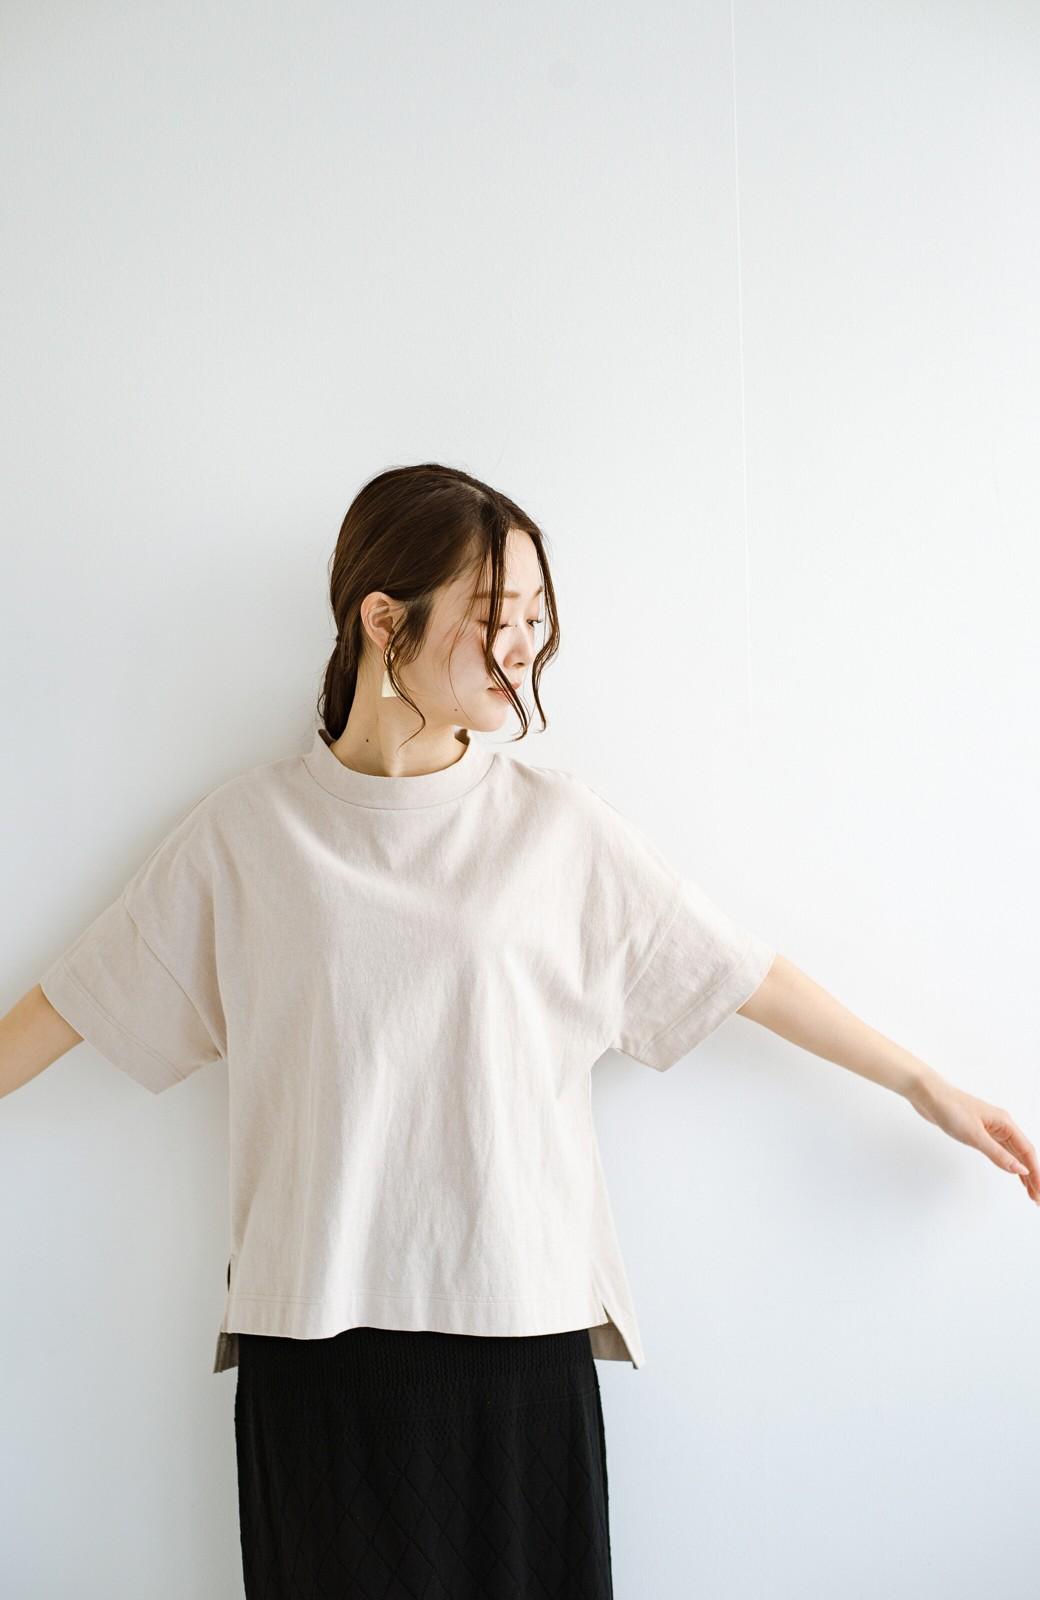 haco! じゃぶじゃぶ洗えて毎日づかいに便利!コーデに迷わず便利なモックネックTシャツ <ベージュ>の商品写真5